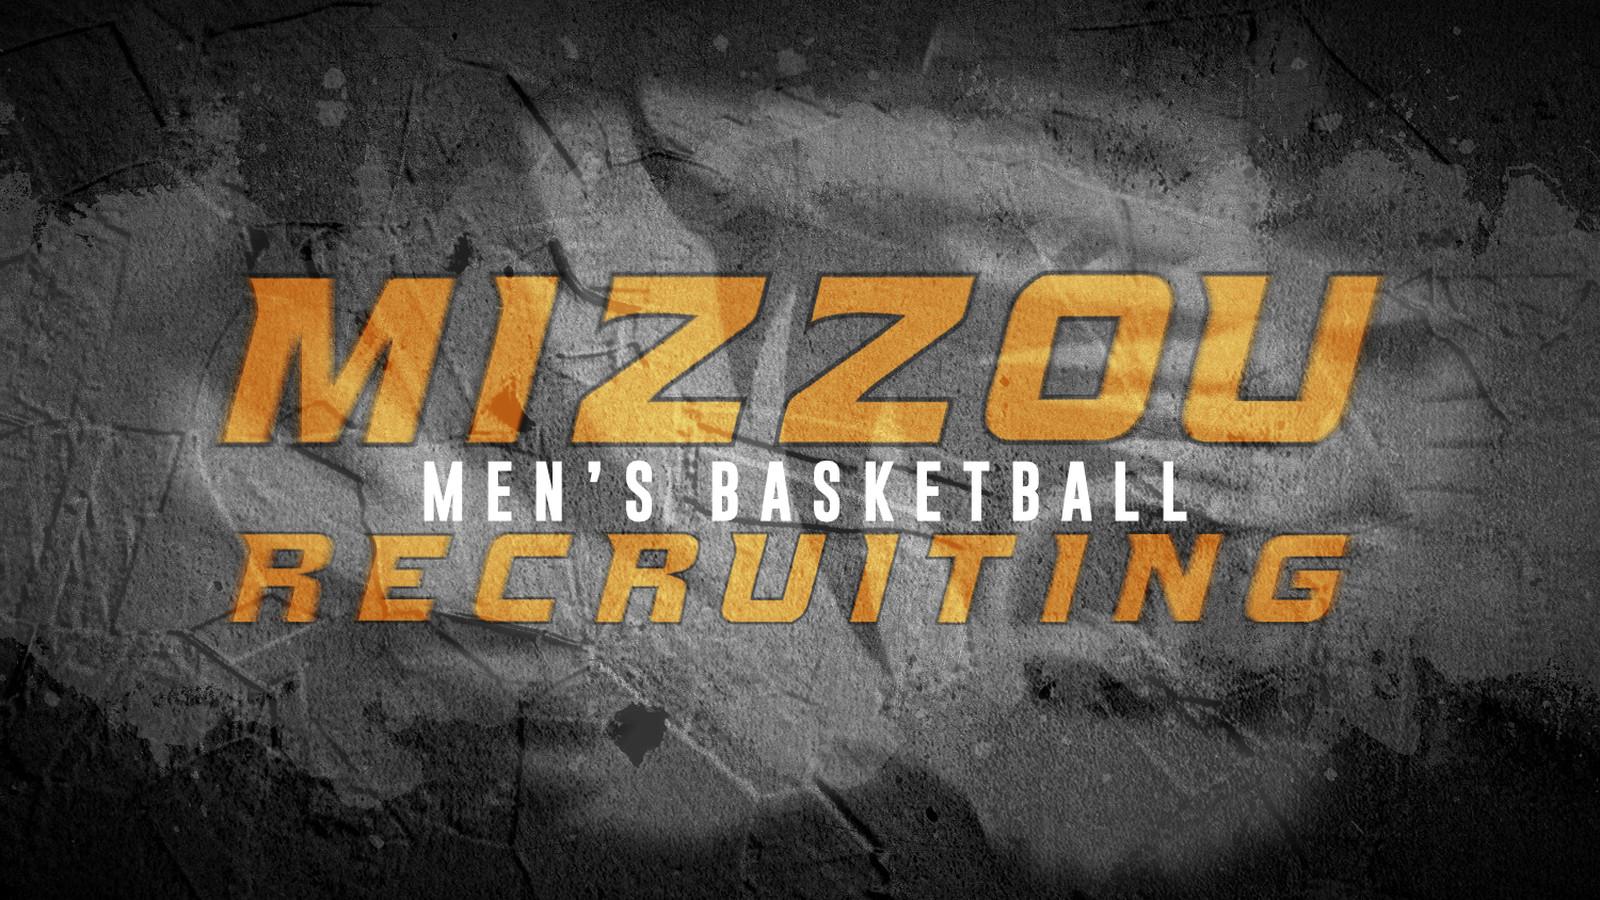 Mizzou_20recruiting_20header_202017.0